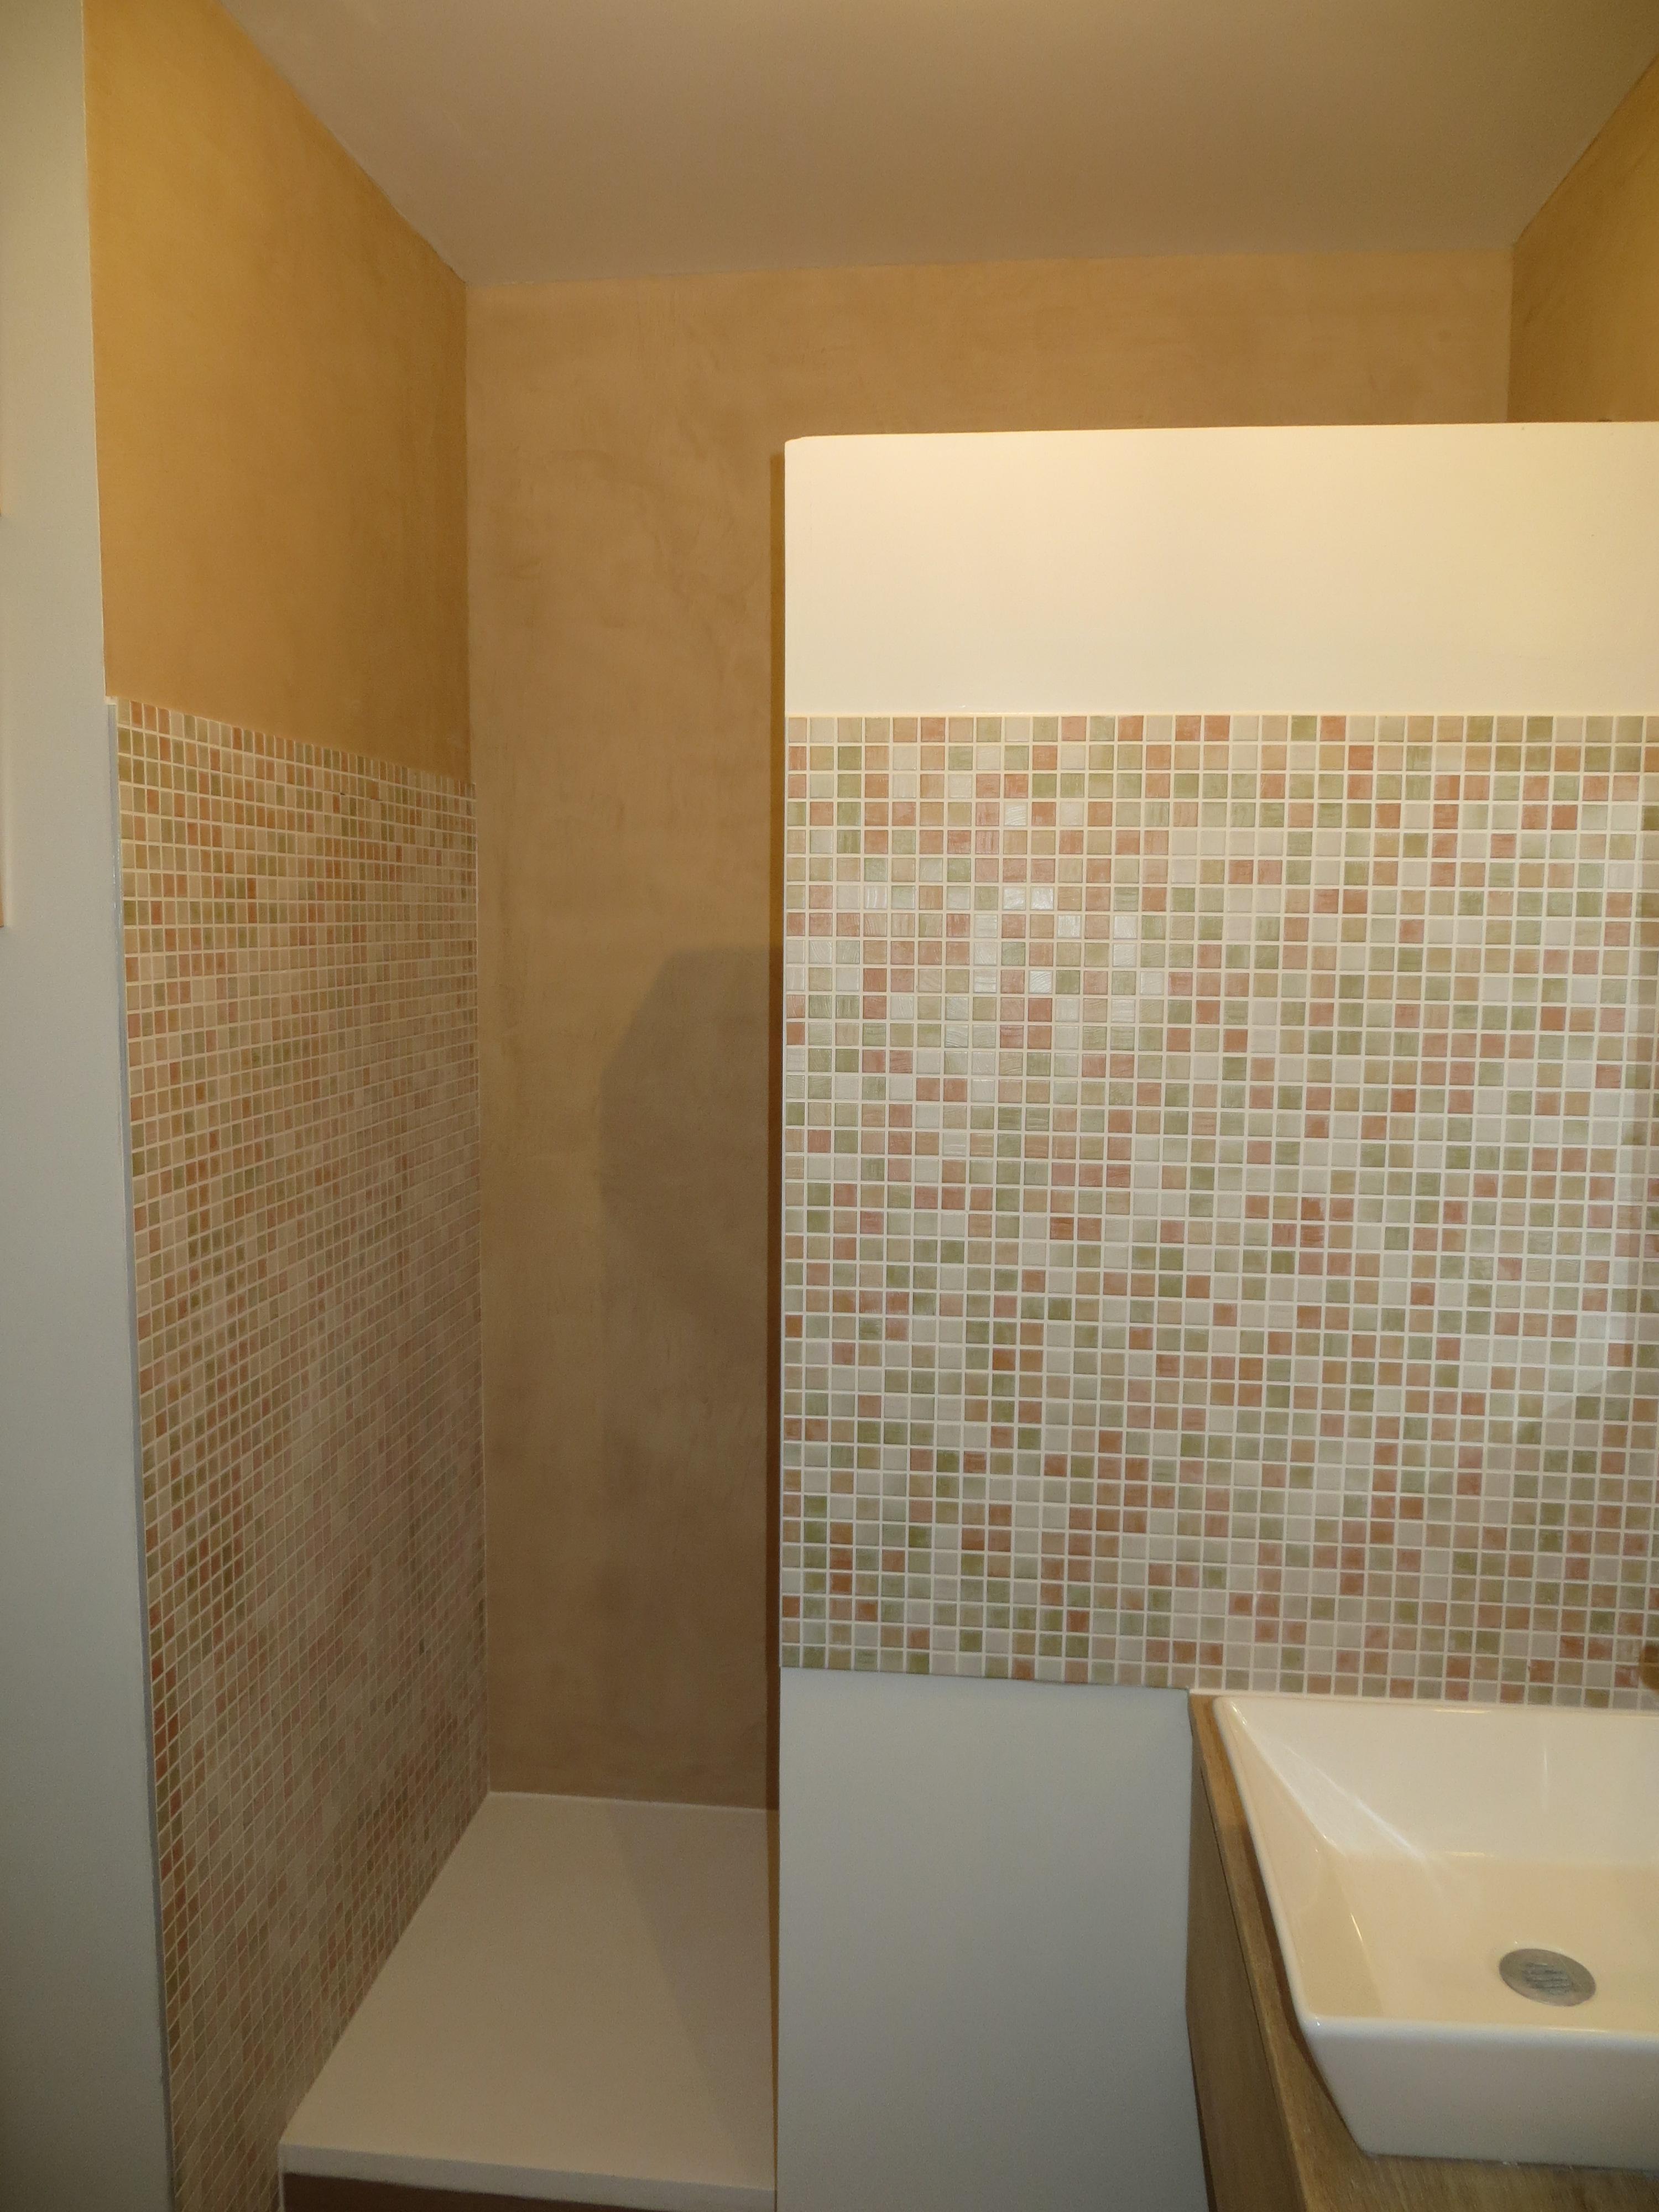 Ventiler Une Salle De Bain Sans Vmc ~ r novation salle de bain exemple 03 b ton cir aspects mati res